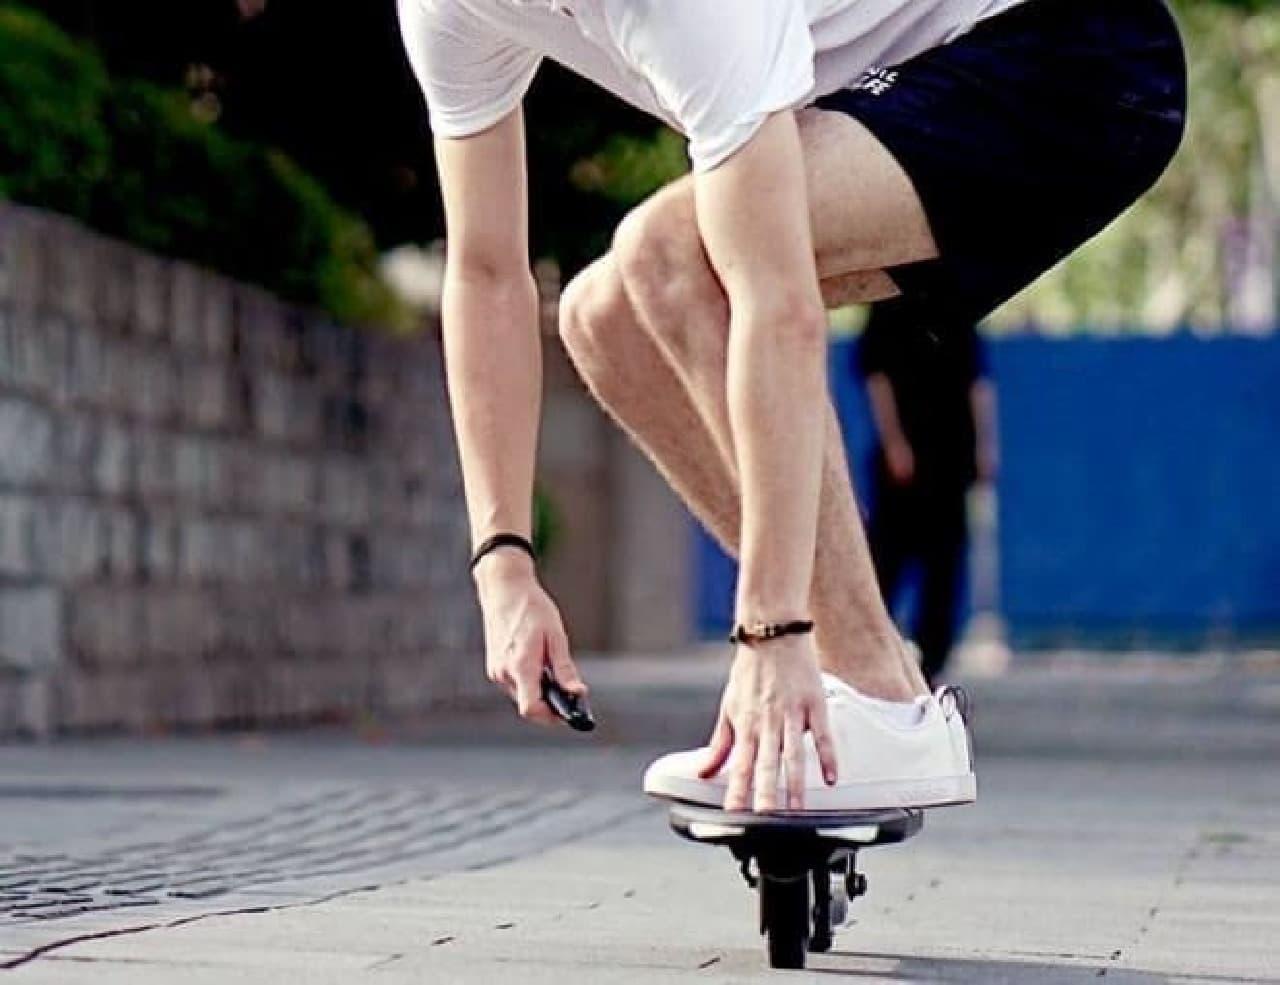 インラインな電動スケートボード「Yiiboard」